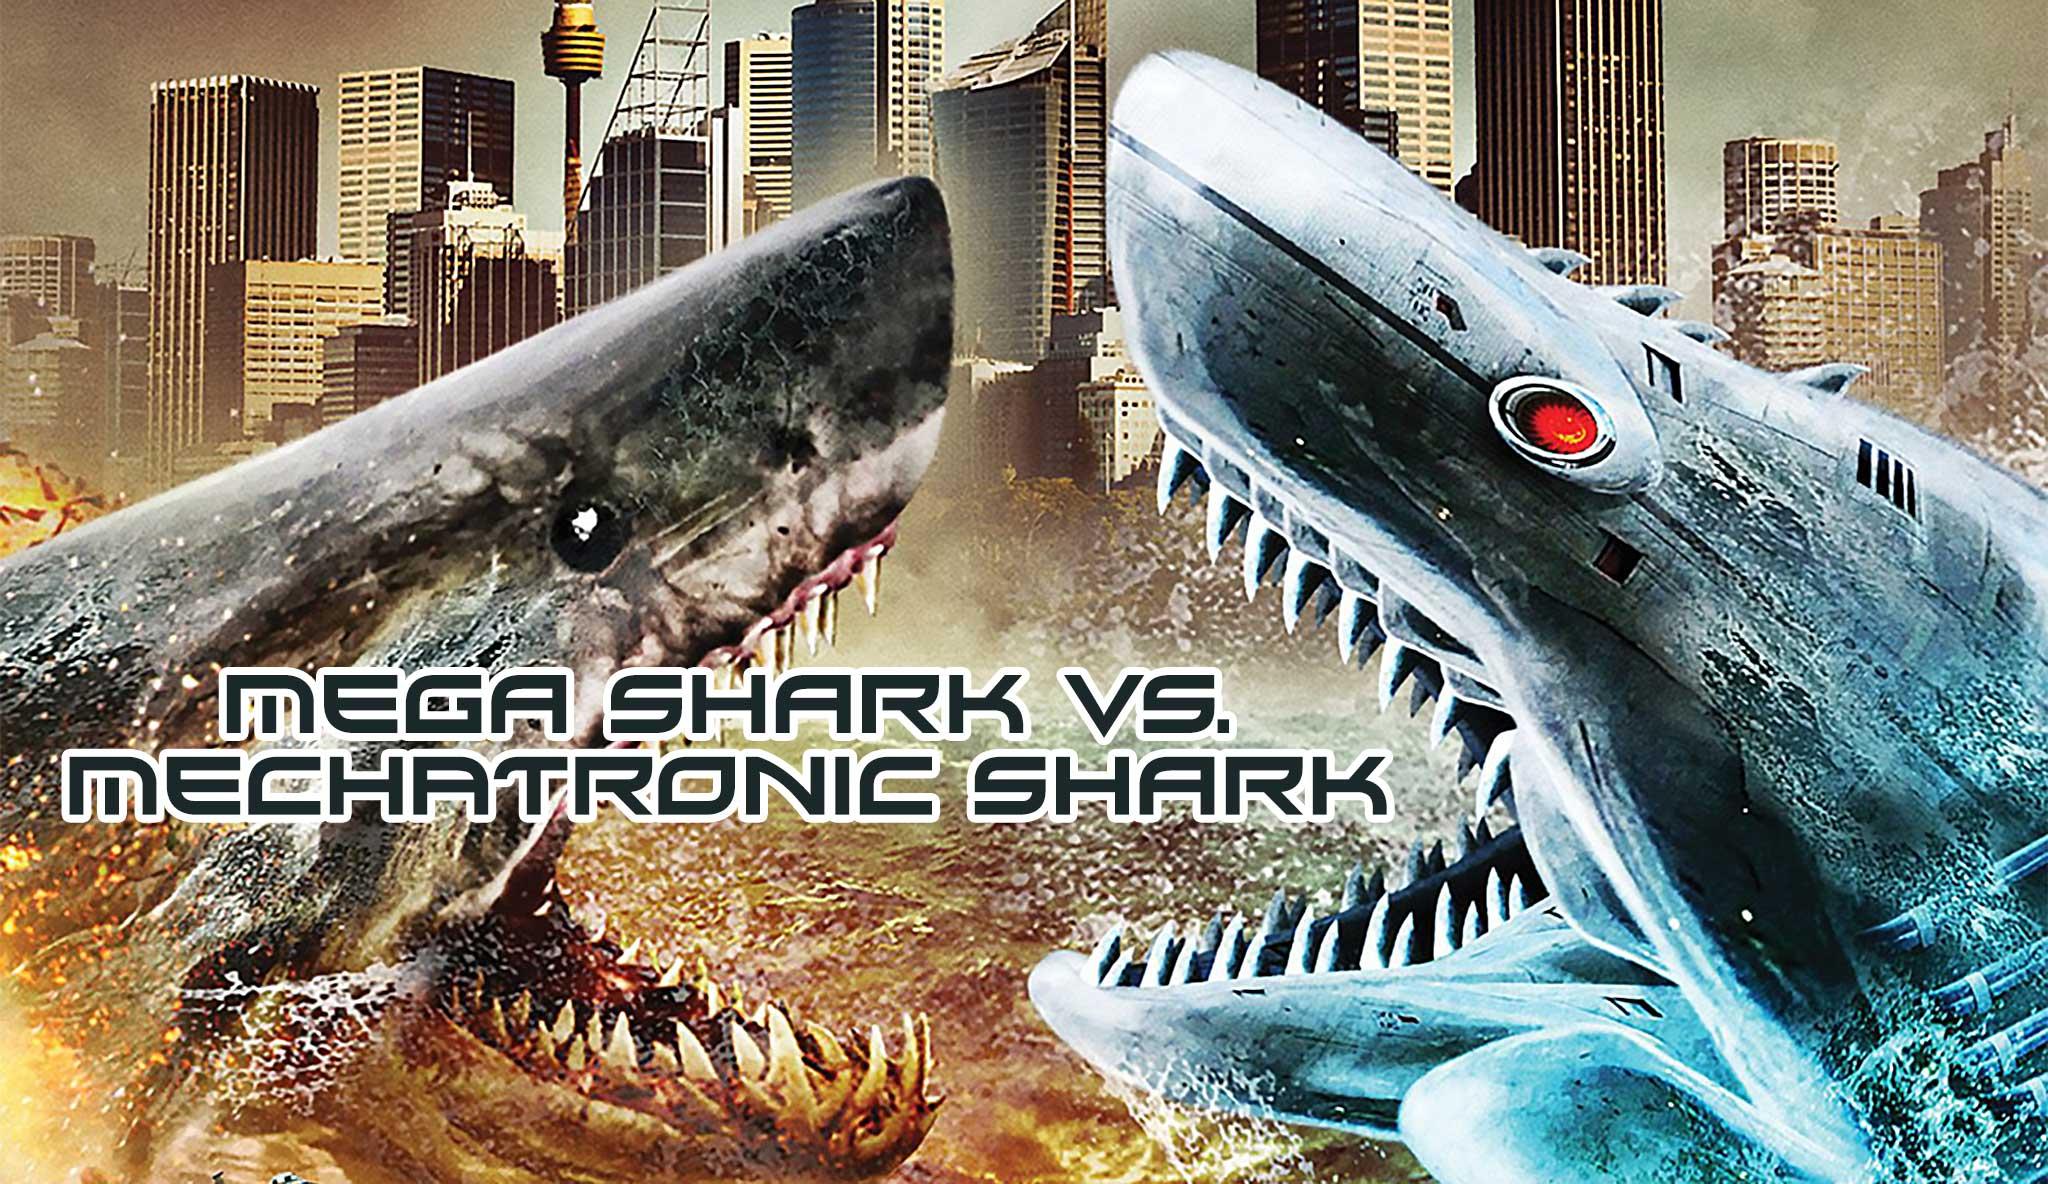 mega-shark-vs-mechatronic-shark\header.jpg